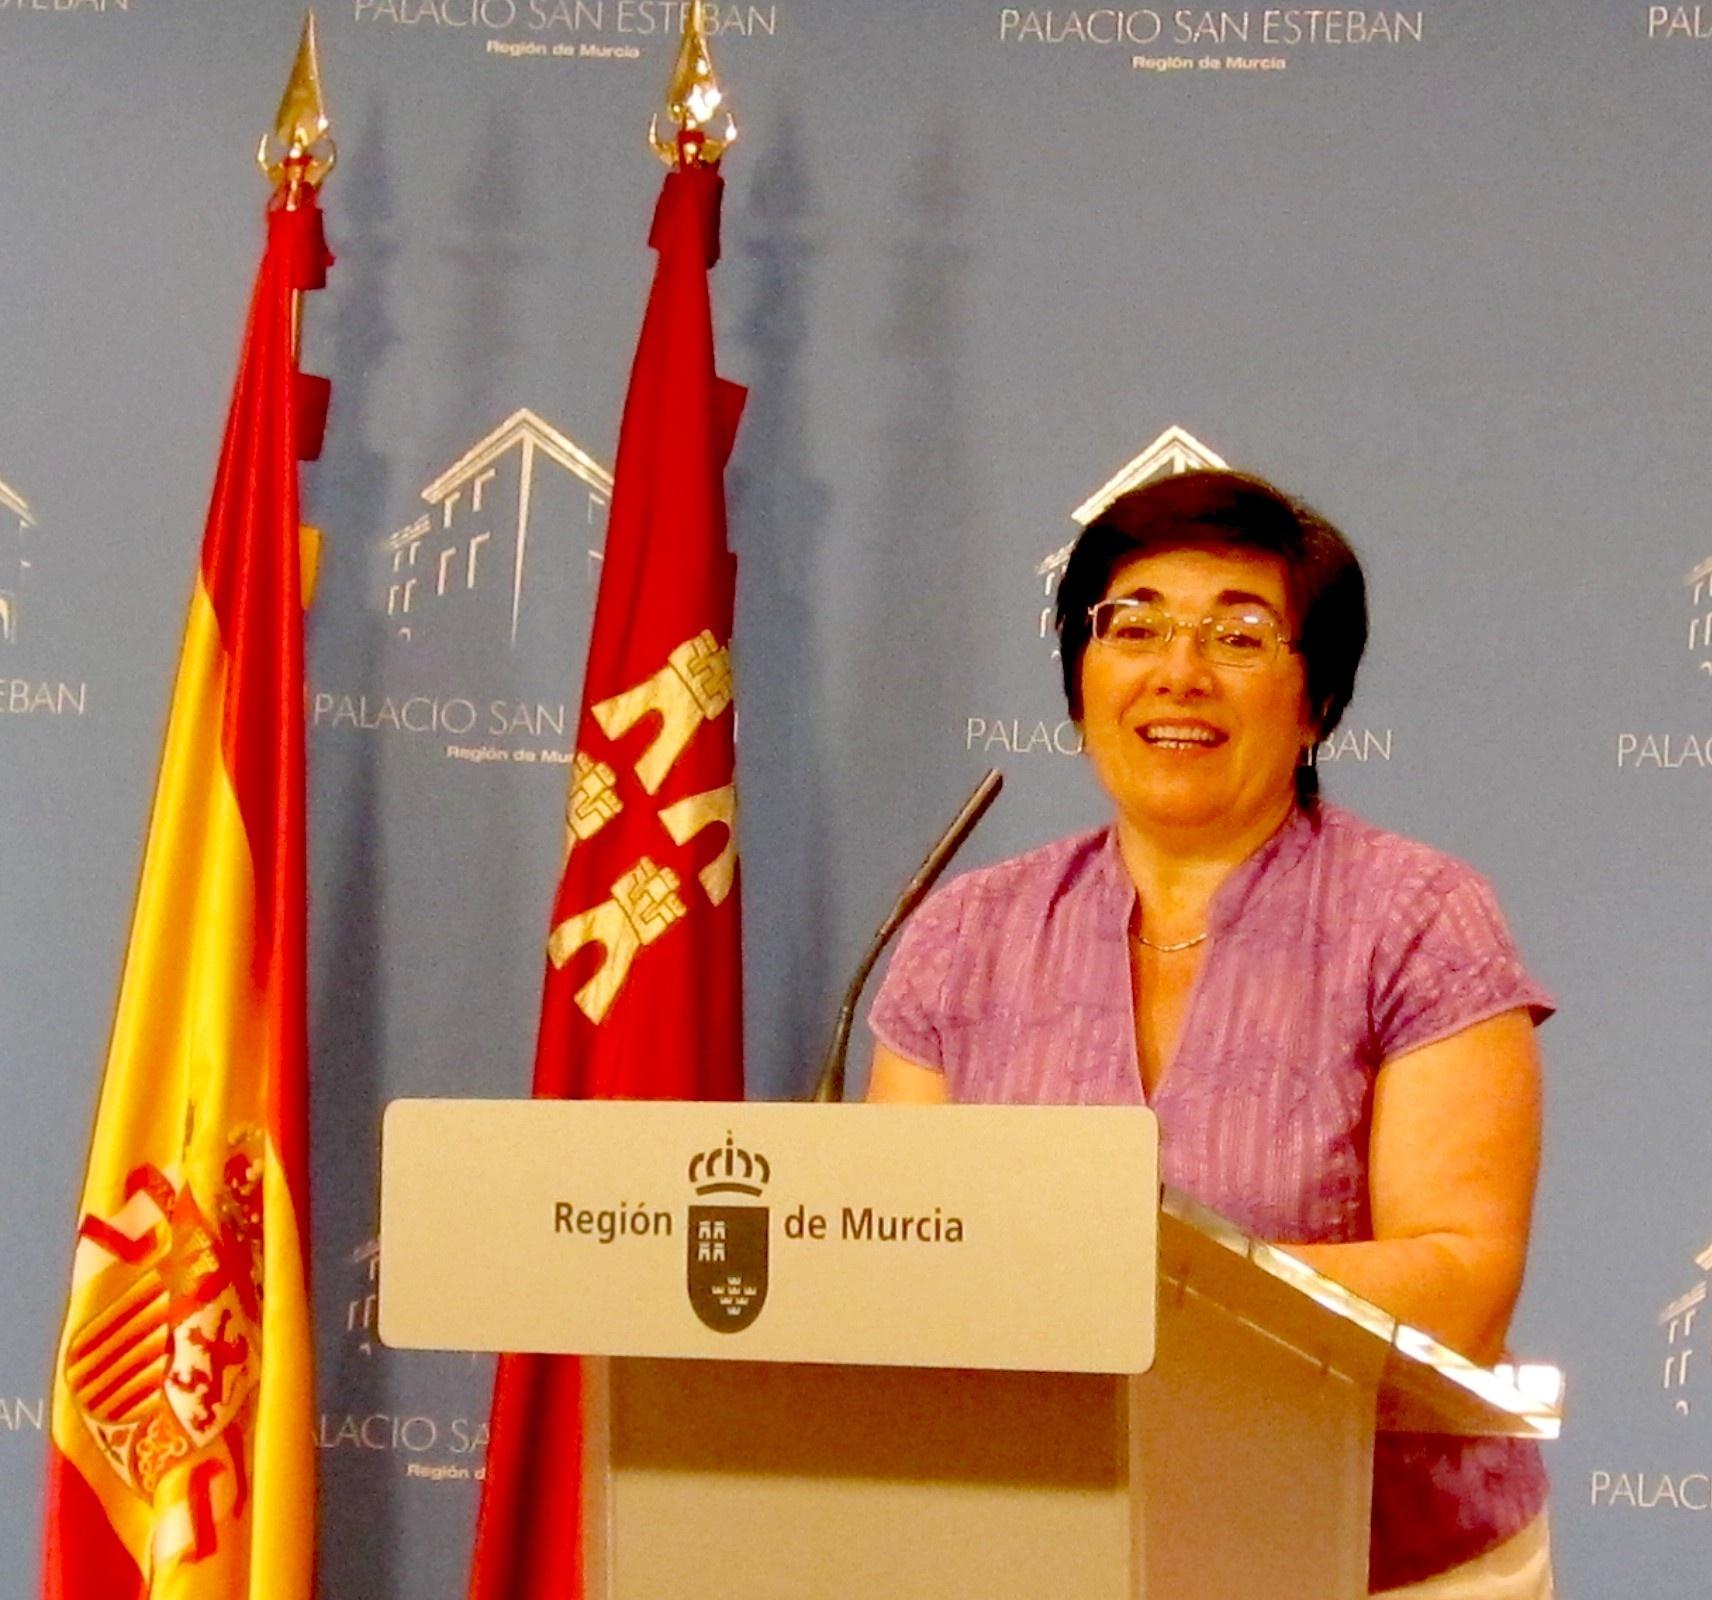 TSJ acuerda la apertura de juicio oral contra la alcaldesa de Pliego y su antecesor por prevaricación